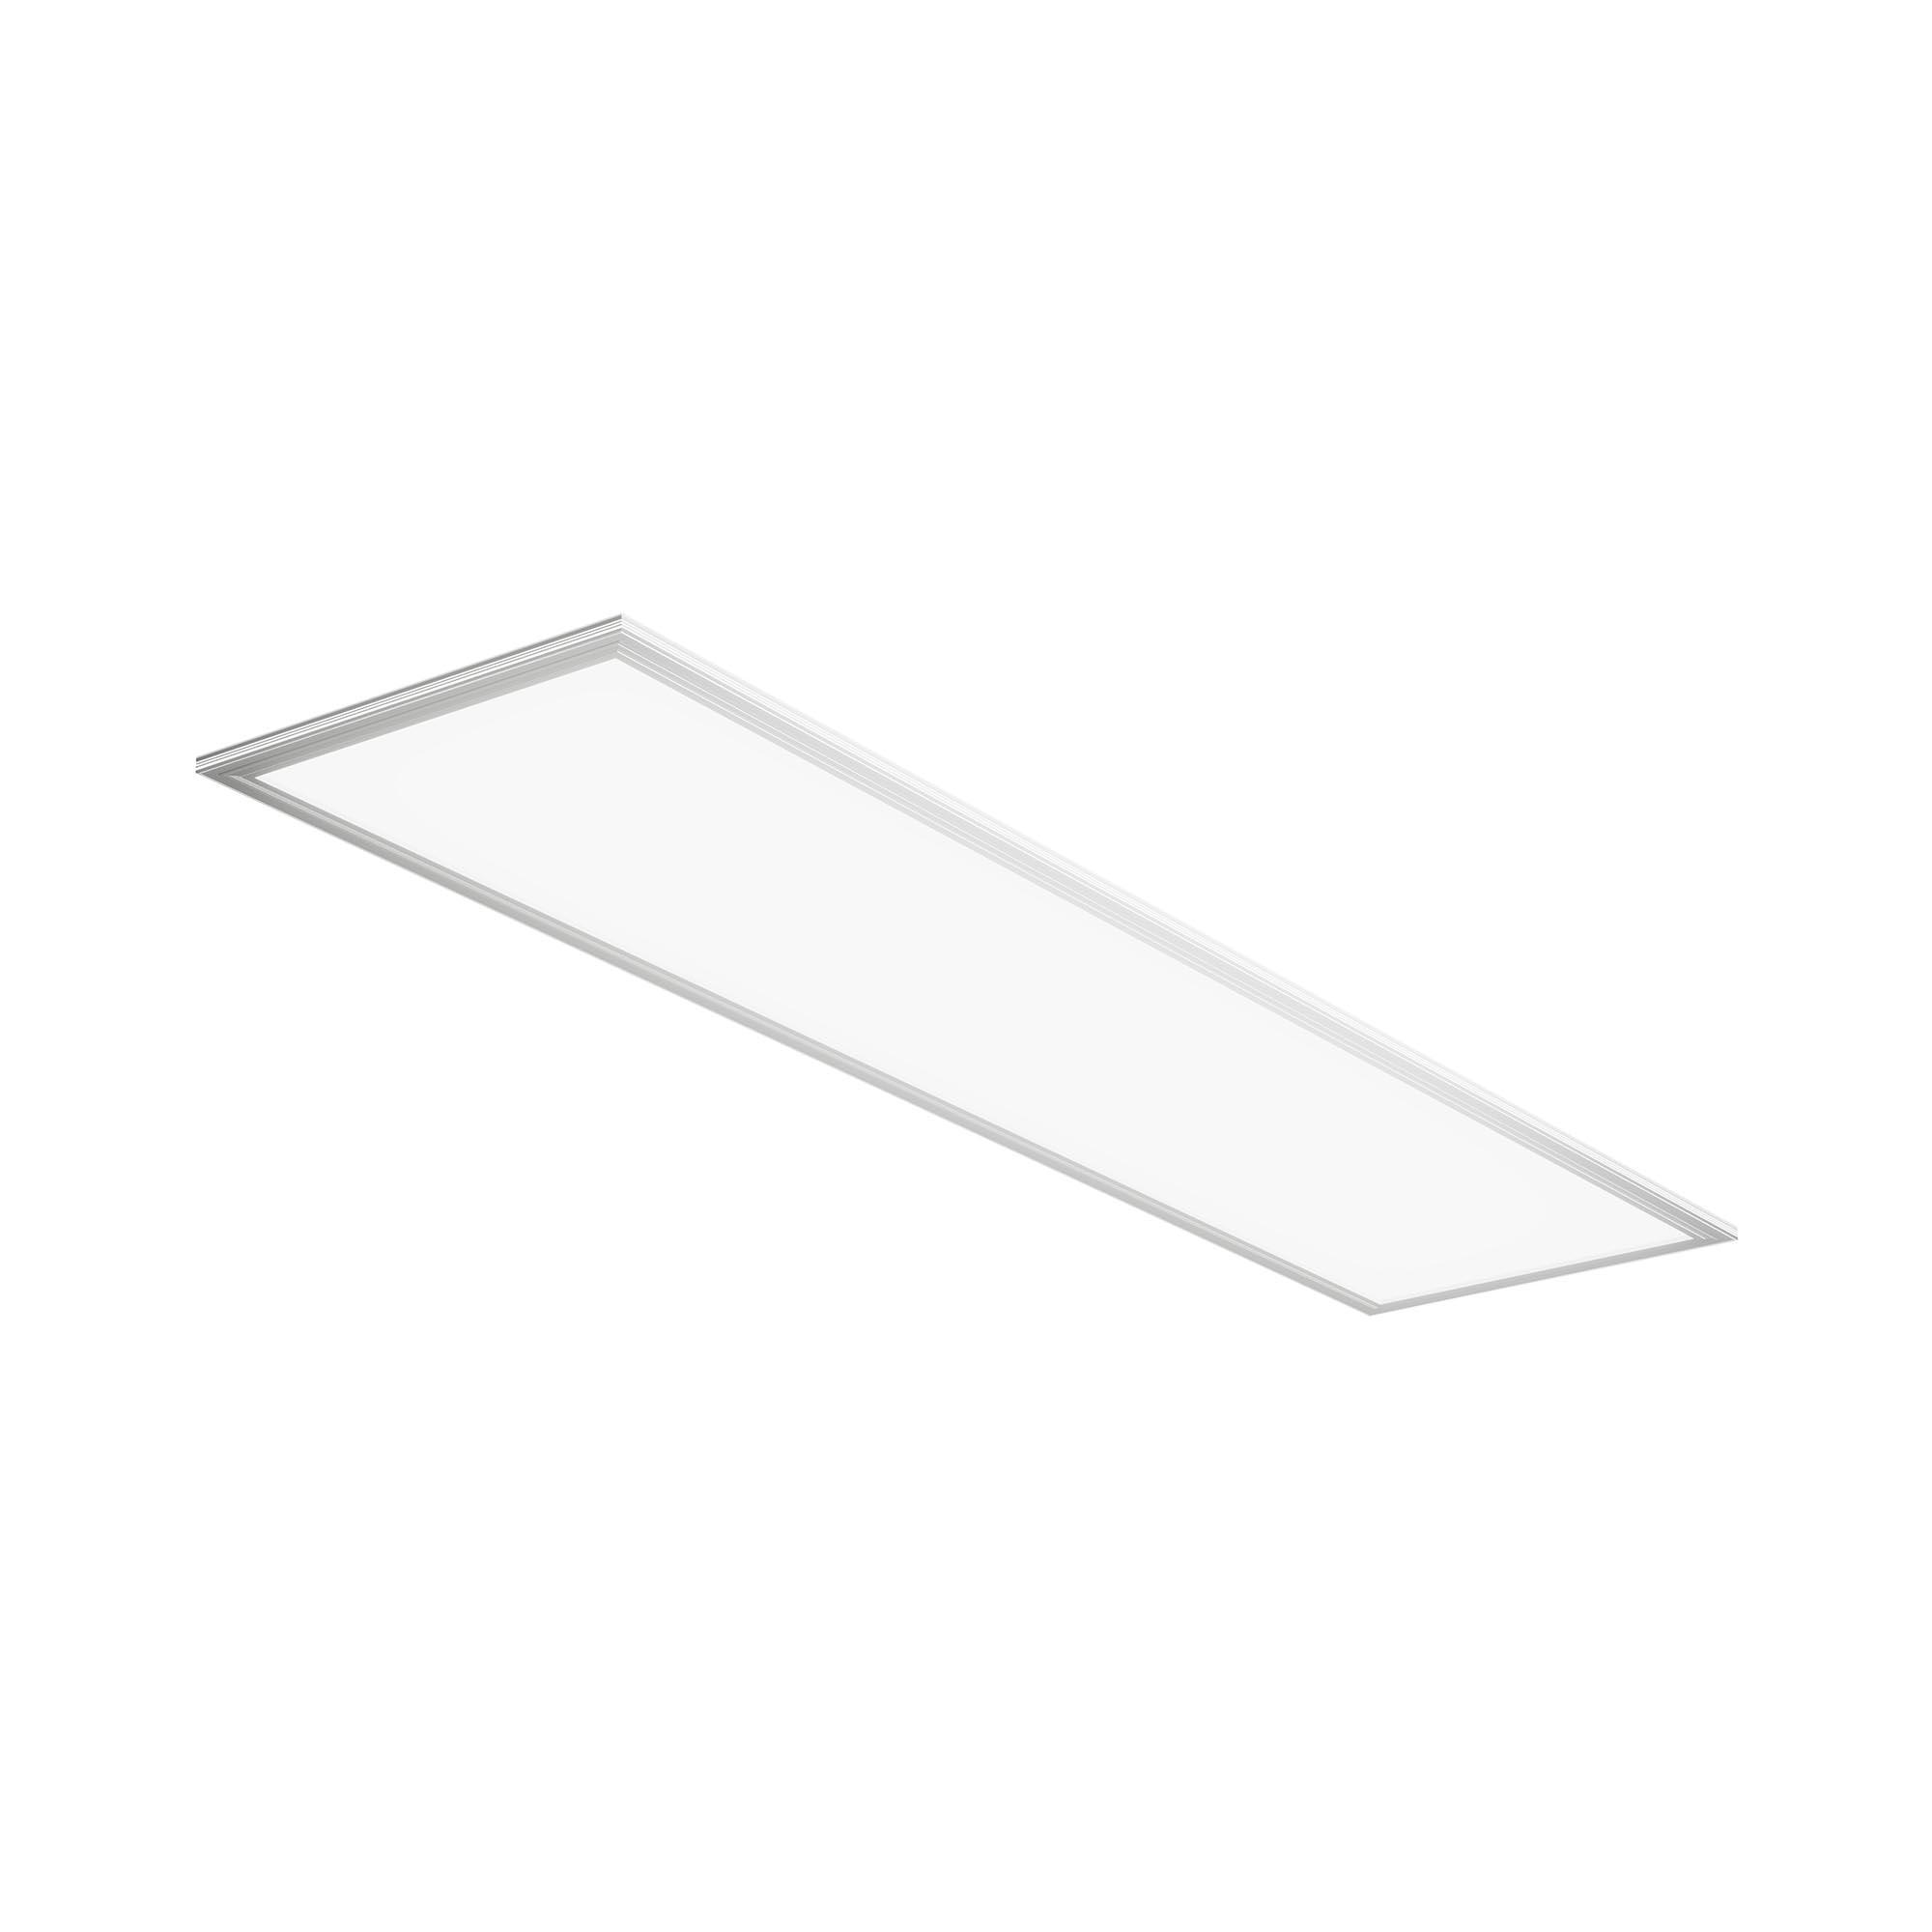 Fromm & Starck LED Deckenpanel - 120 x 30 cm - 40 W - 3.800 lm - 3 Farbtemperaturen STAR_120-40